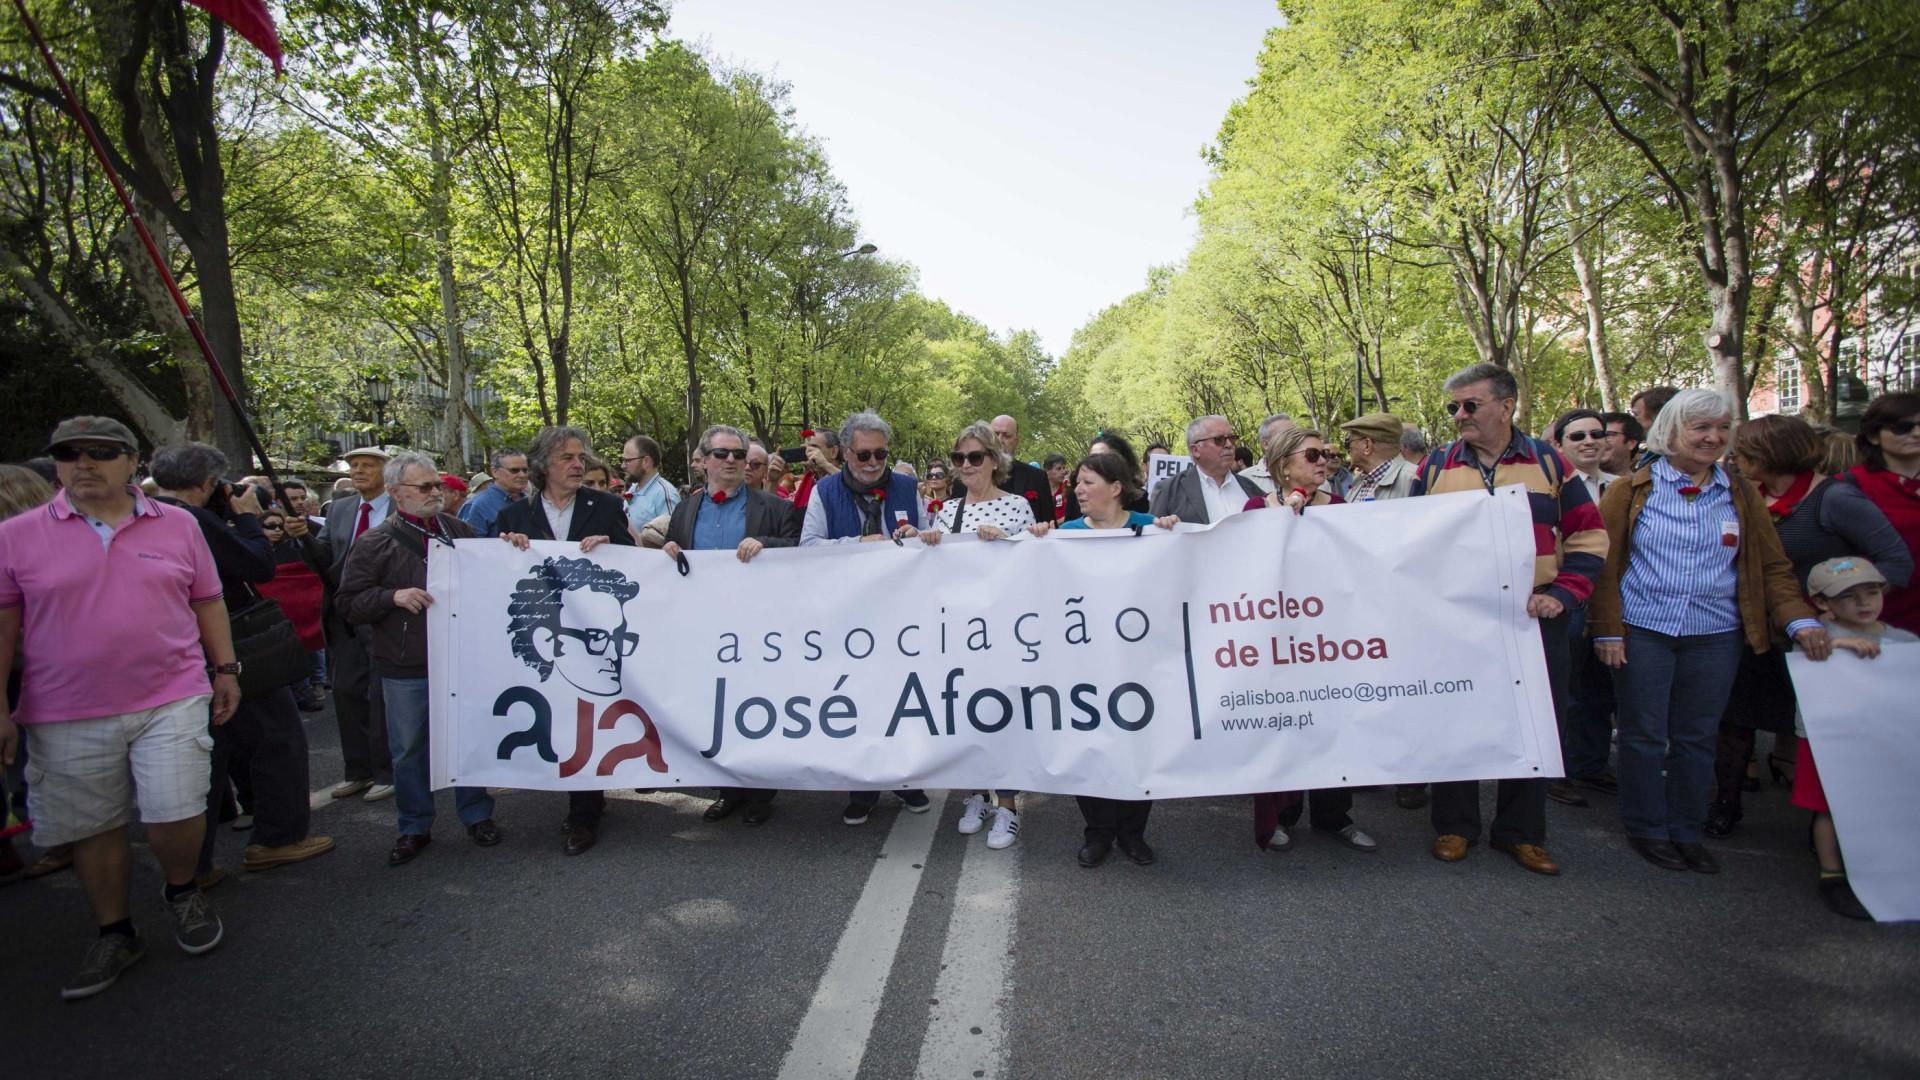 Populares aproveitam tradicional desfile para exigirem mais direitos